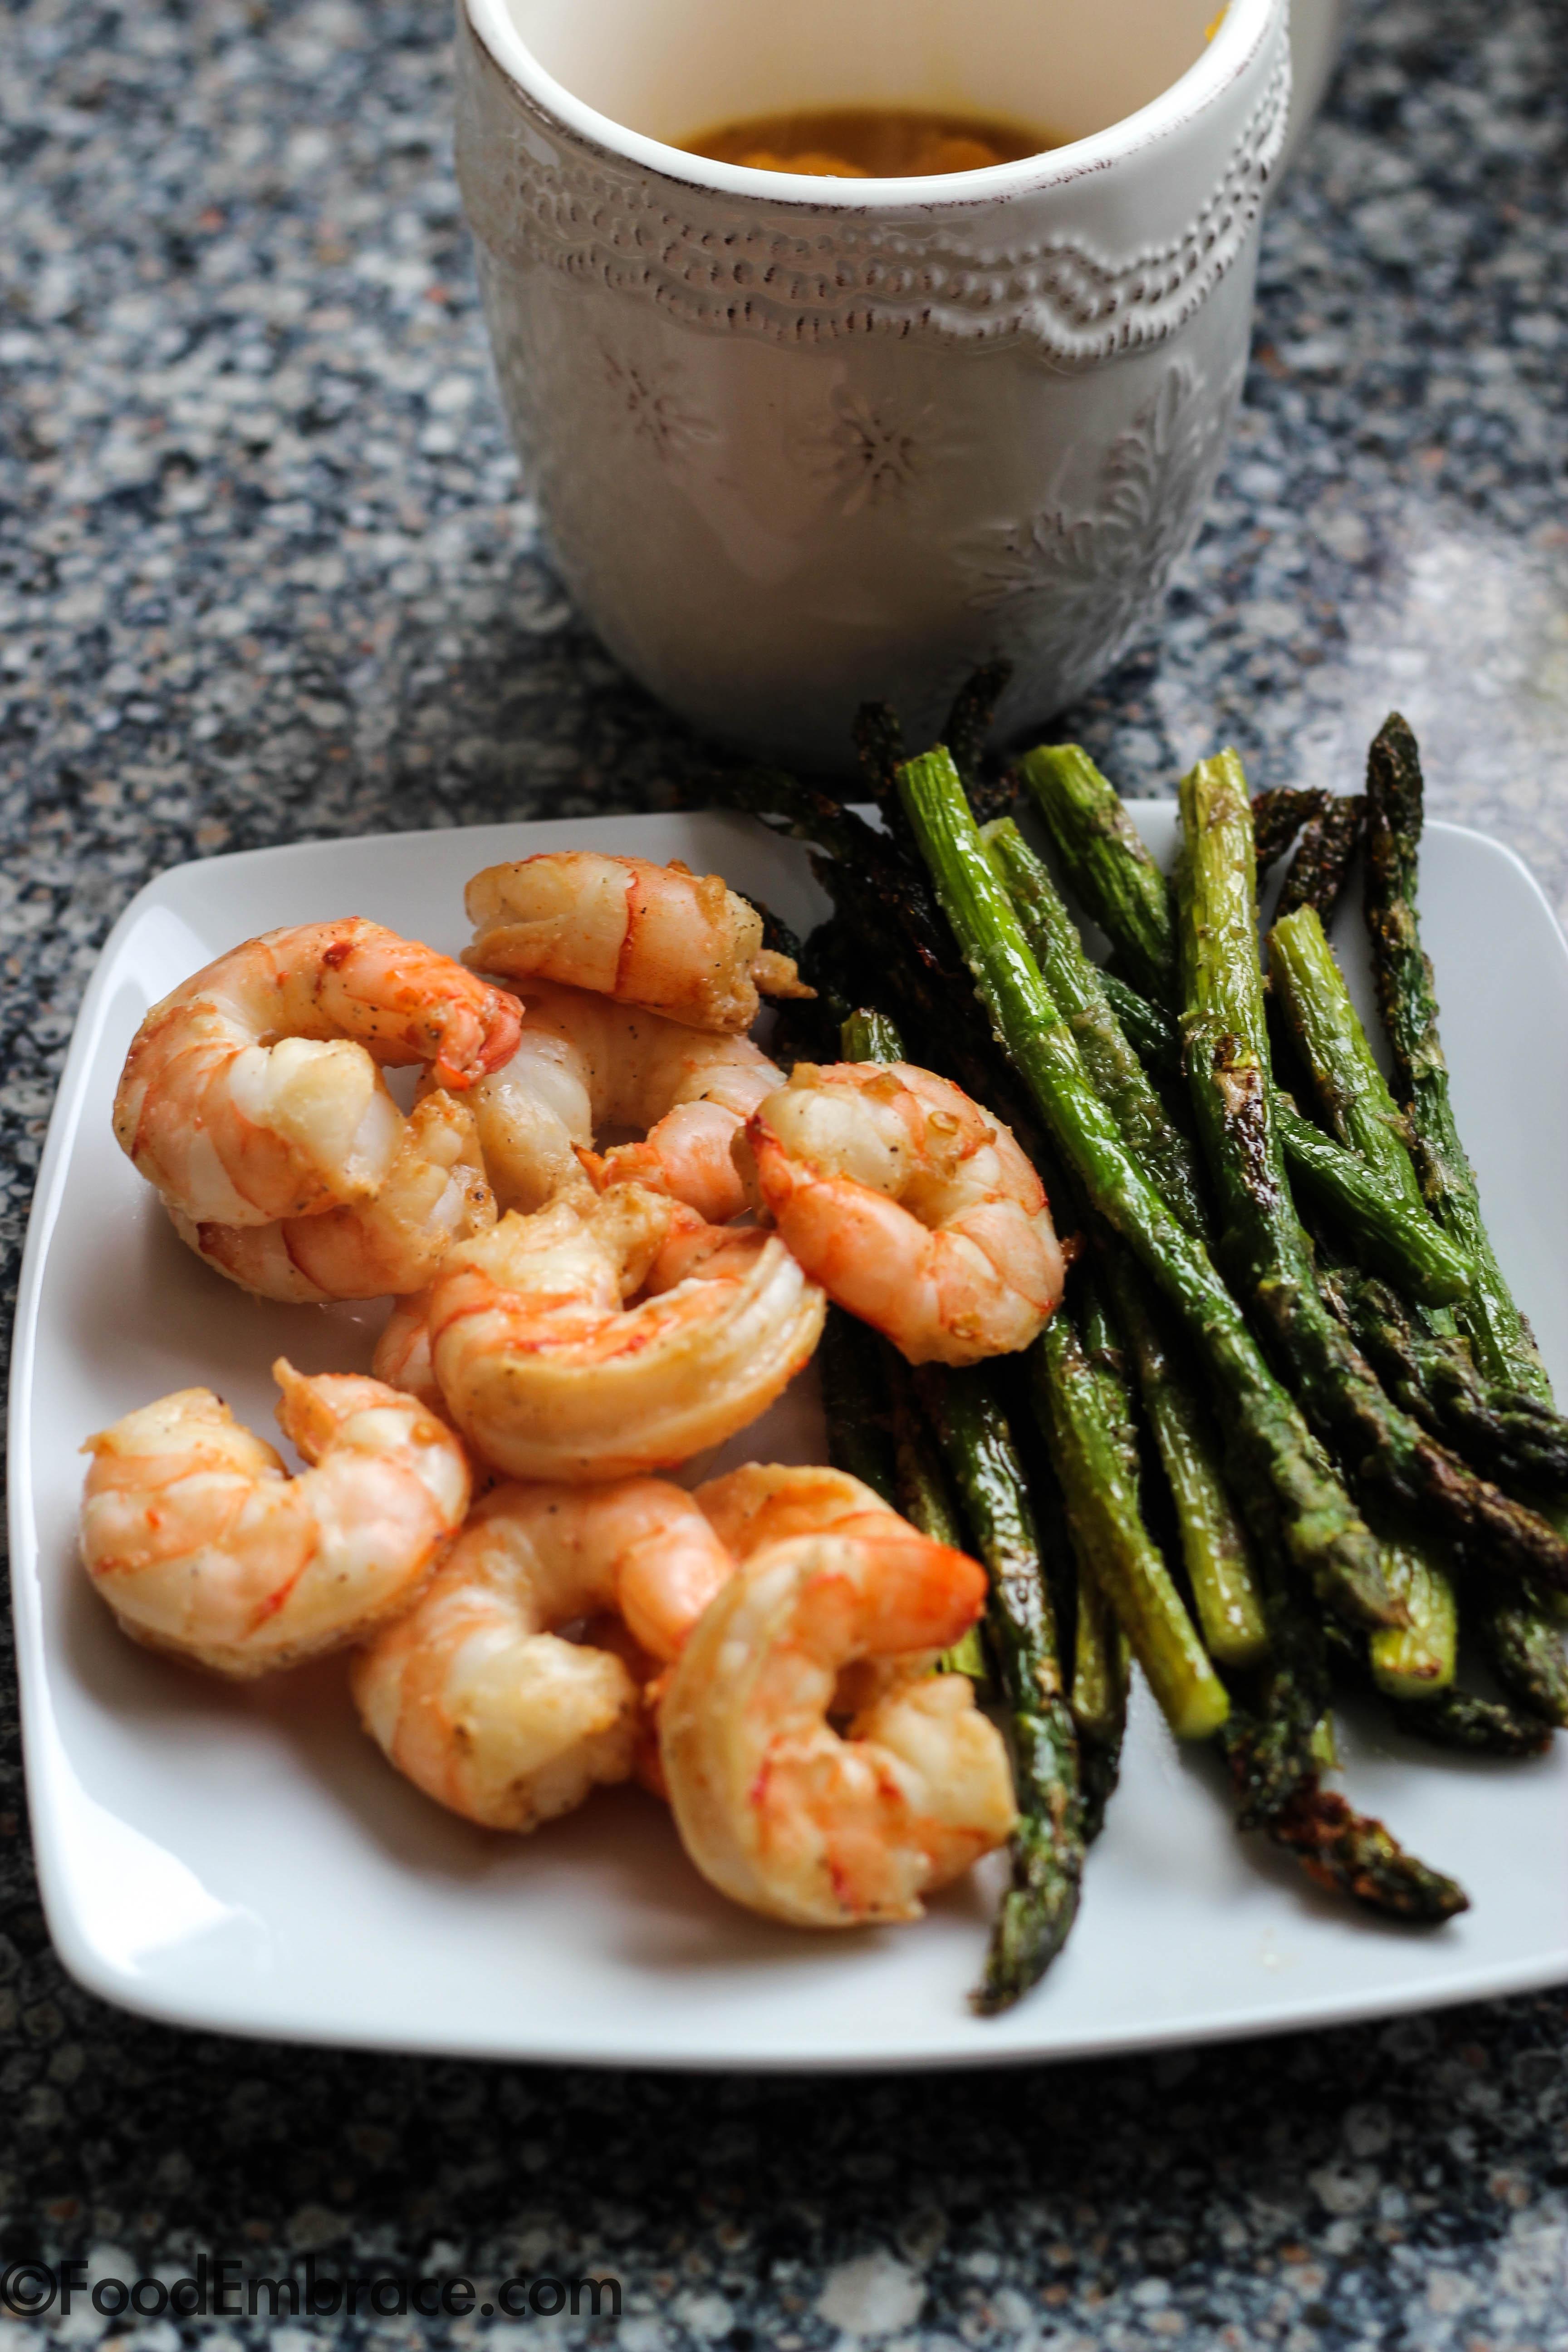 Roasted shrimp, asparagus, soup